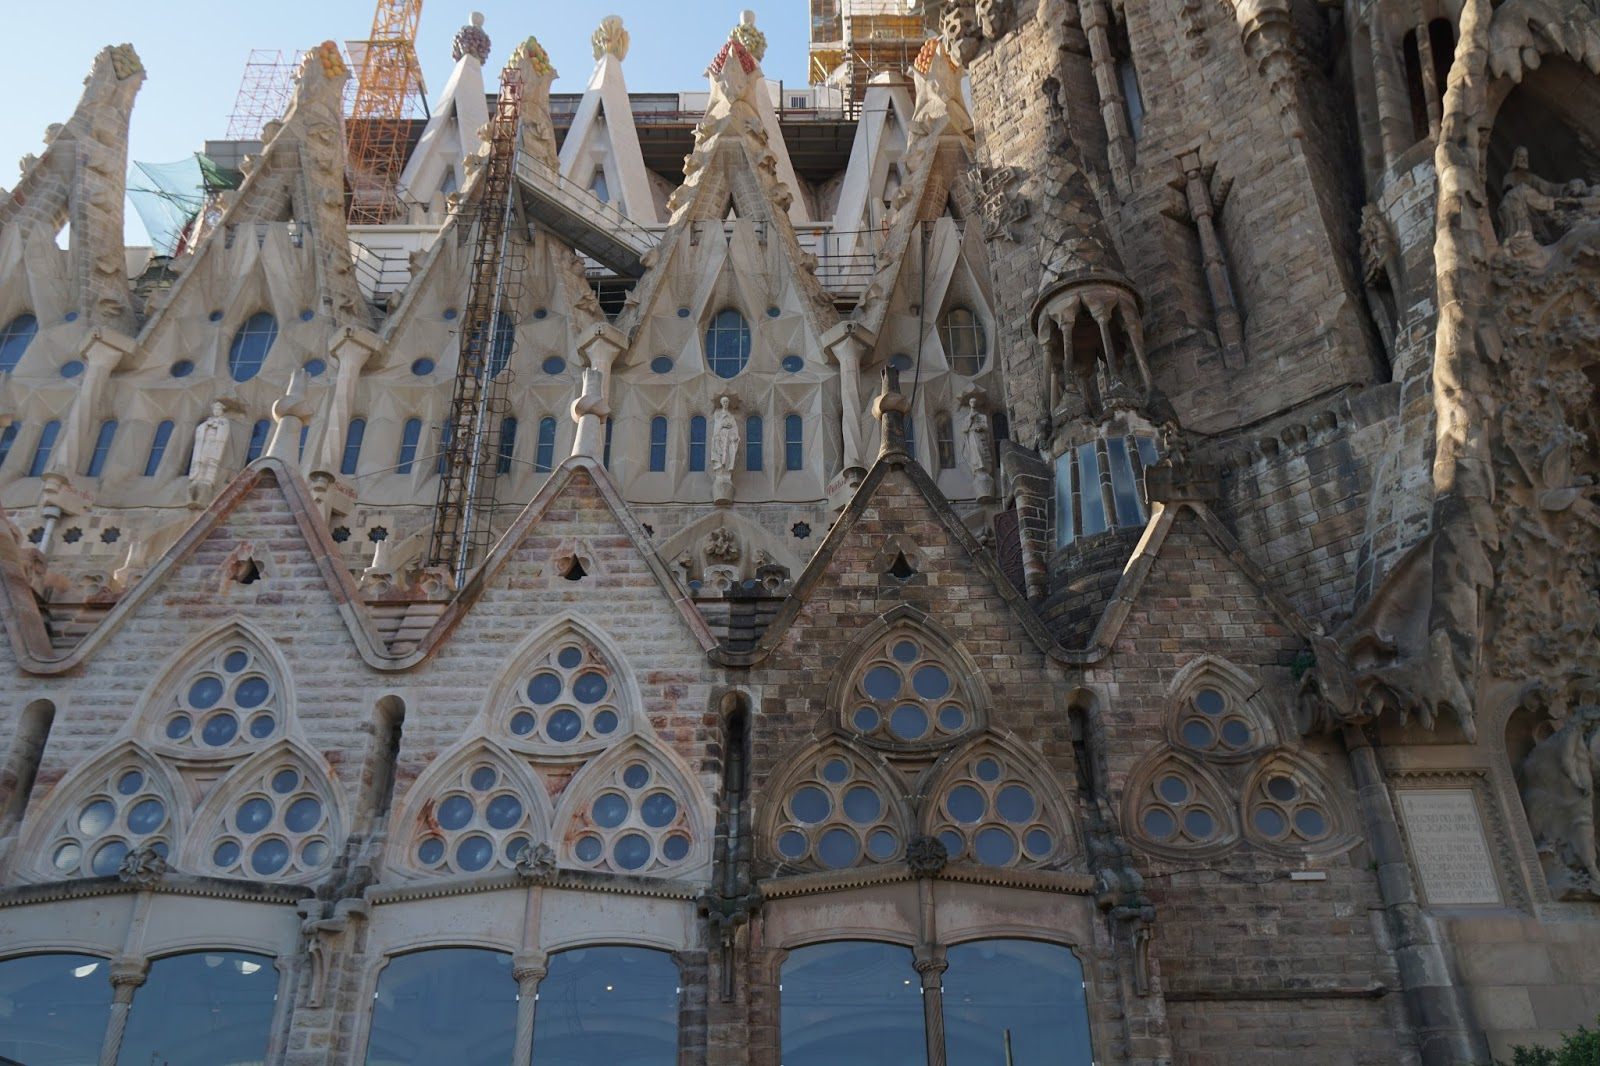 サグラダ・ファミリア (Sagrada Familia) 建設中と修復の同時進行